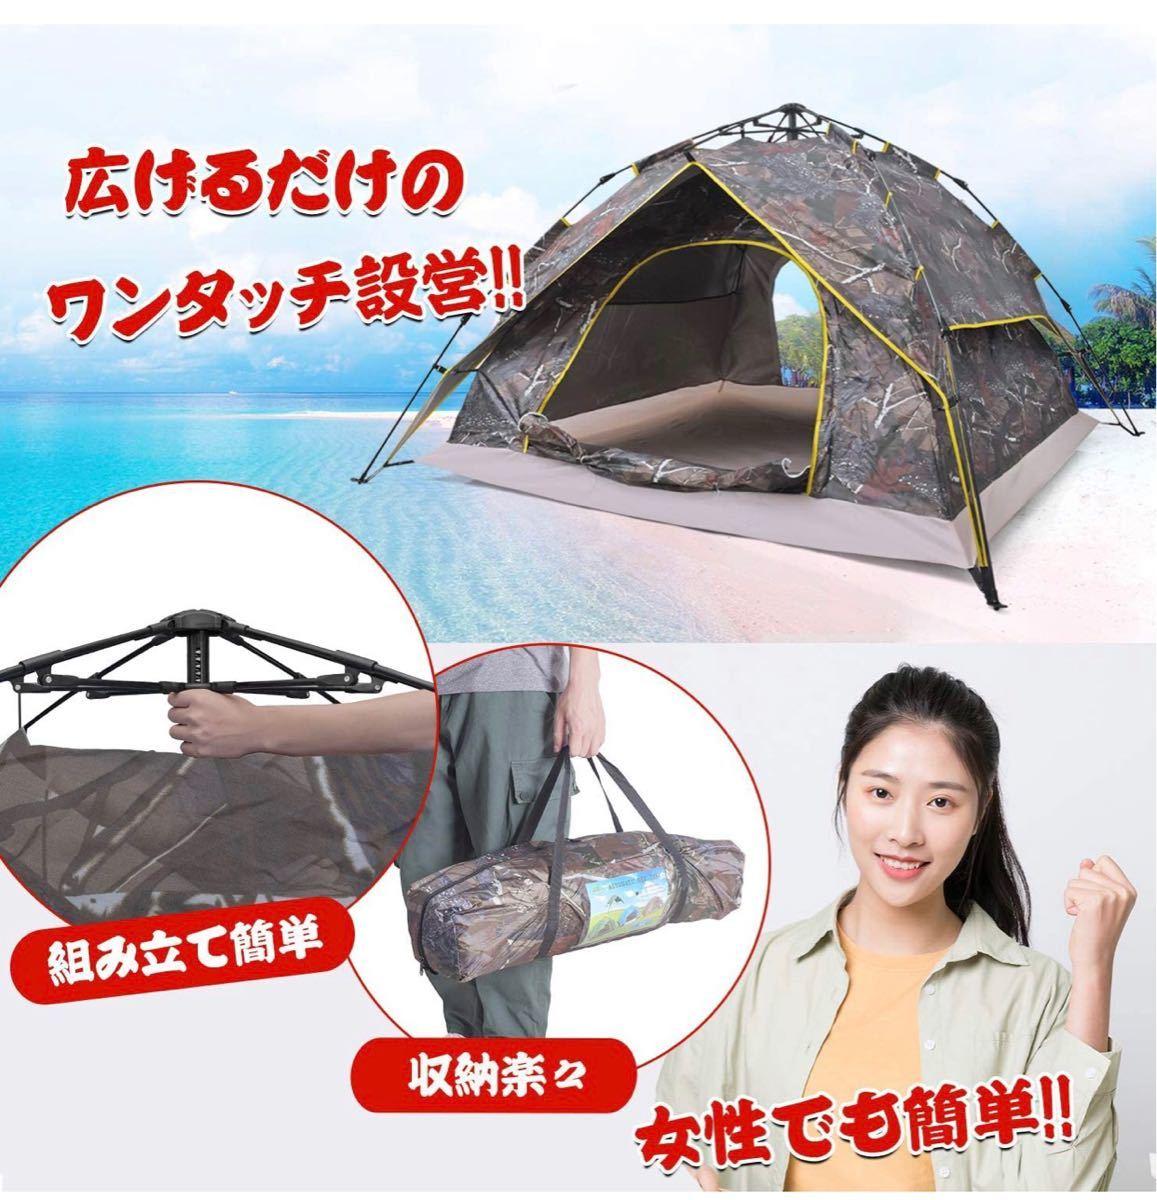 ワンタッチテント キャンプテント 3-4人用 設営簡単 防災用 キャンプ用品 UVカット